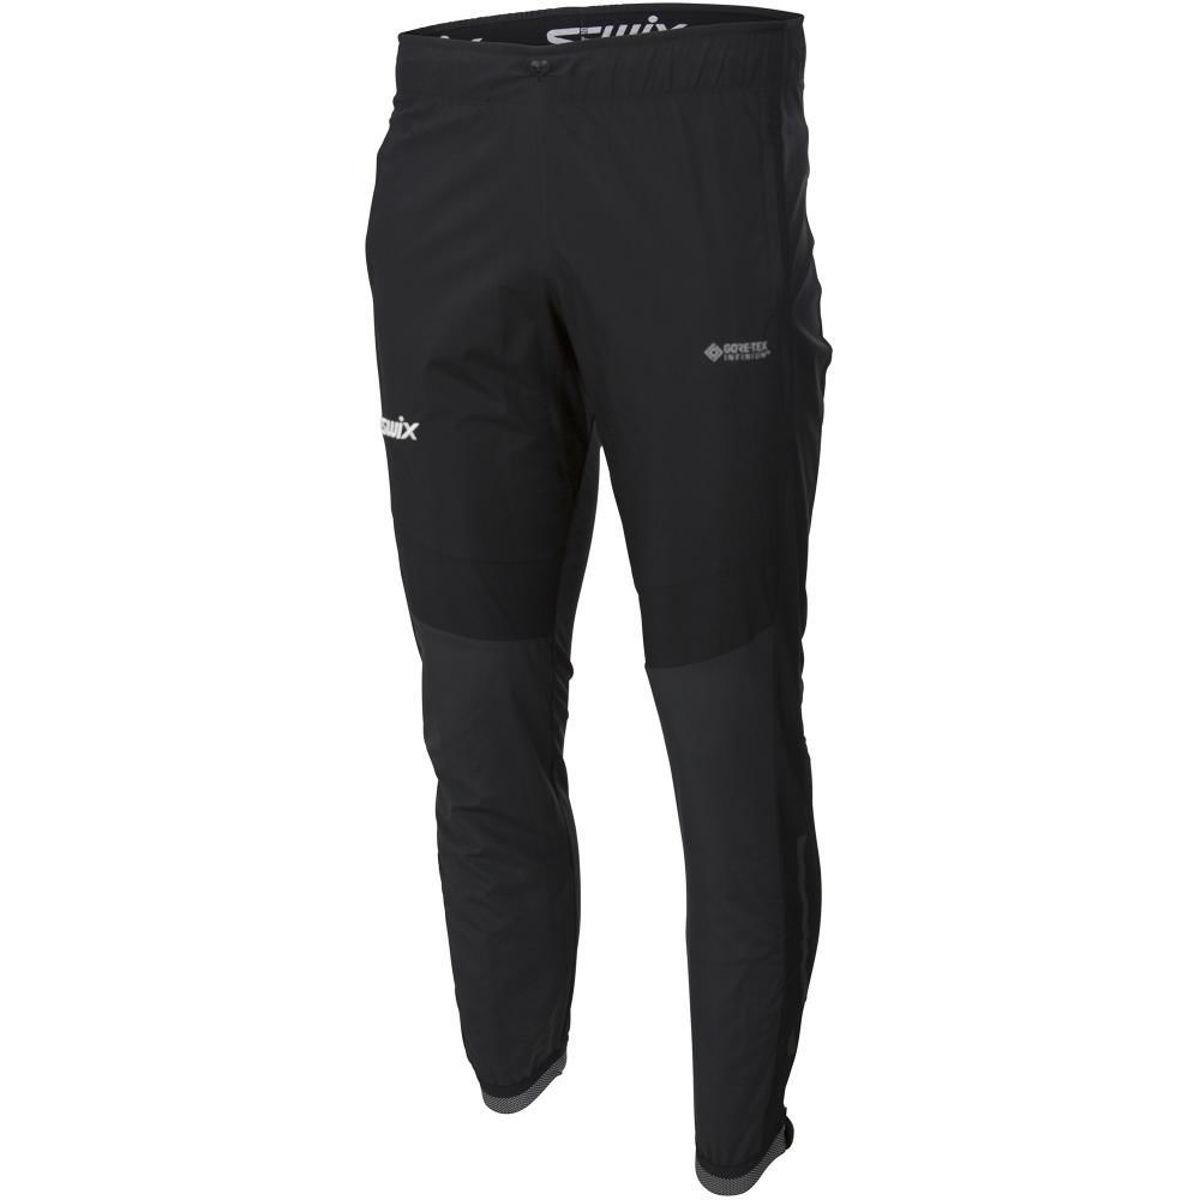 Bilde av Swix Evolution Gore-Tex Infinium pants M Black 10000 Black